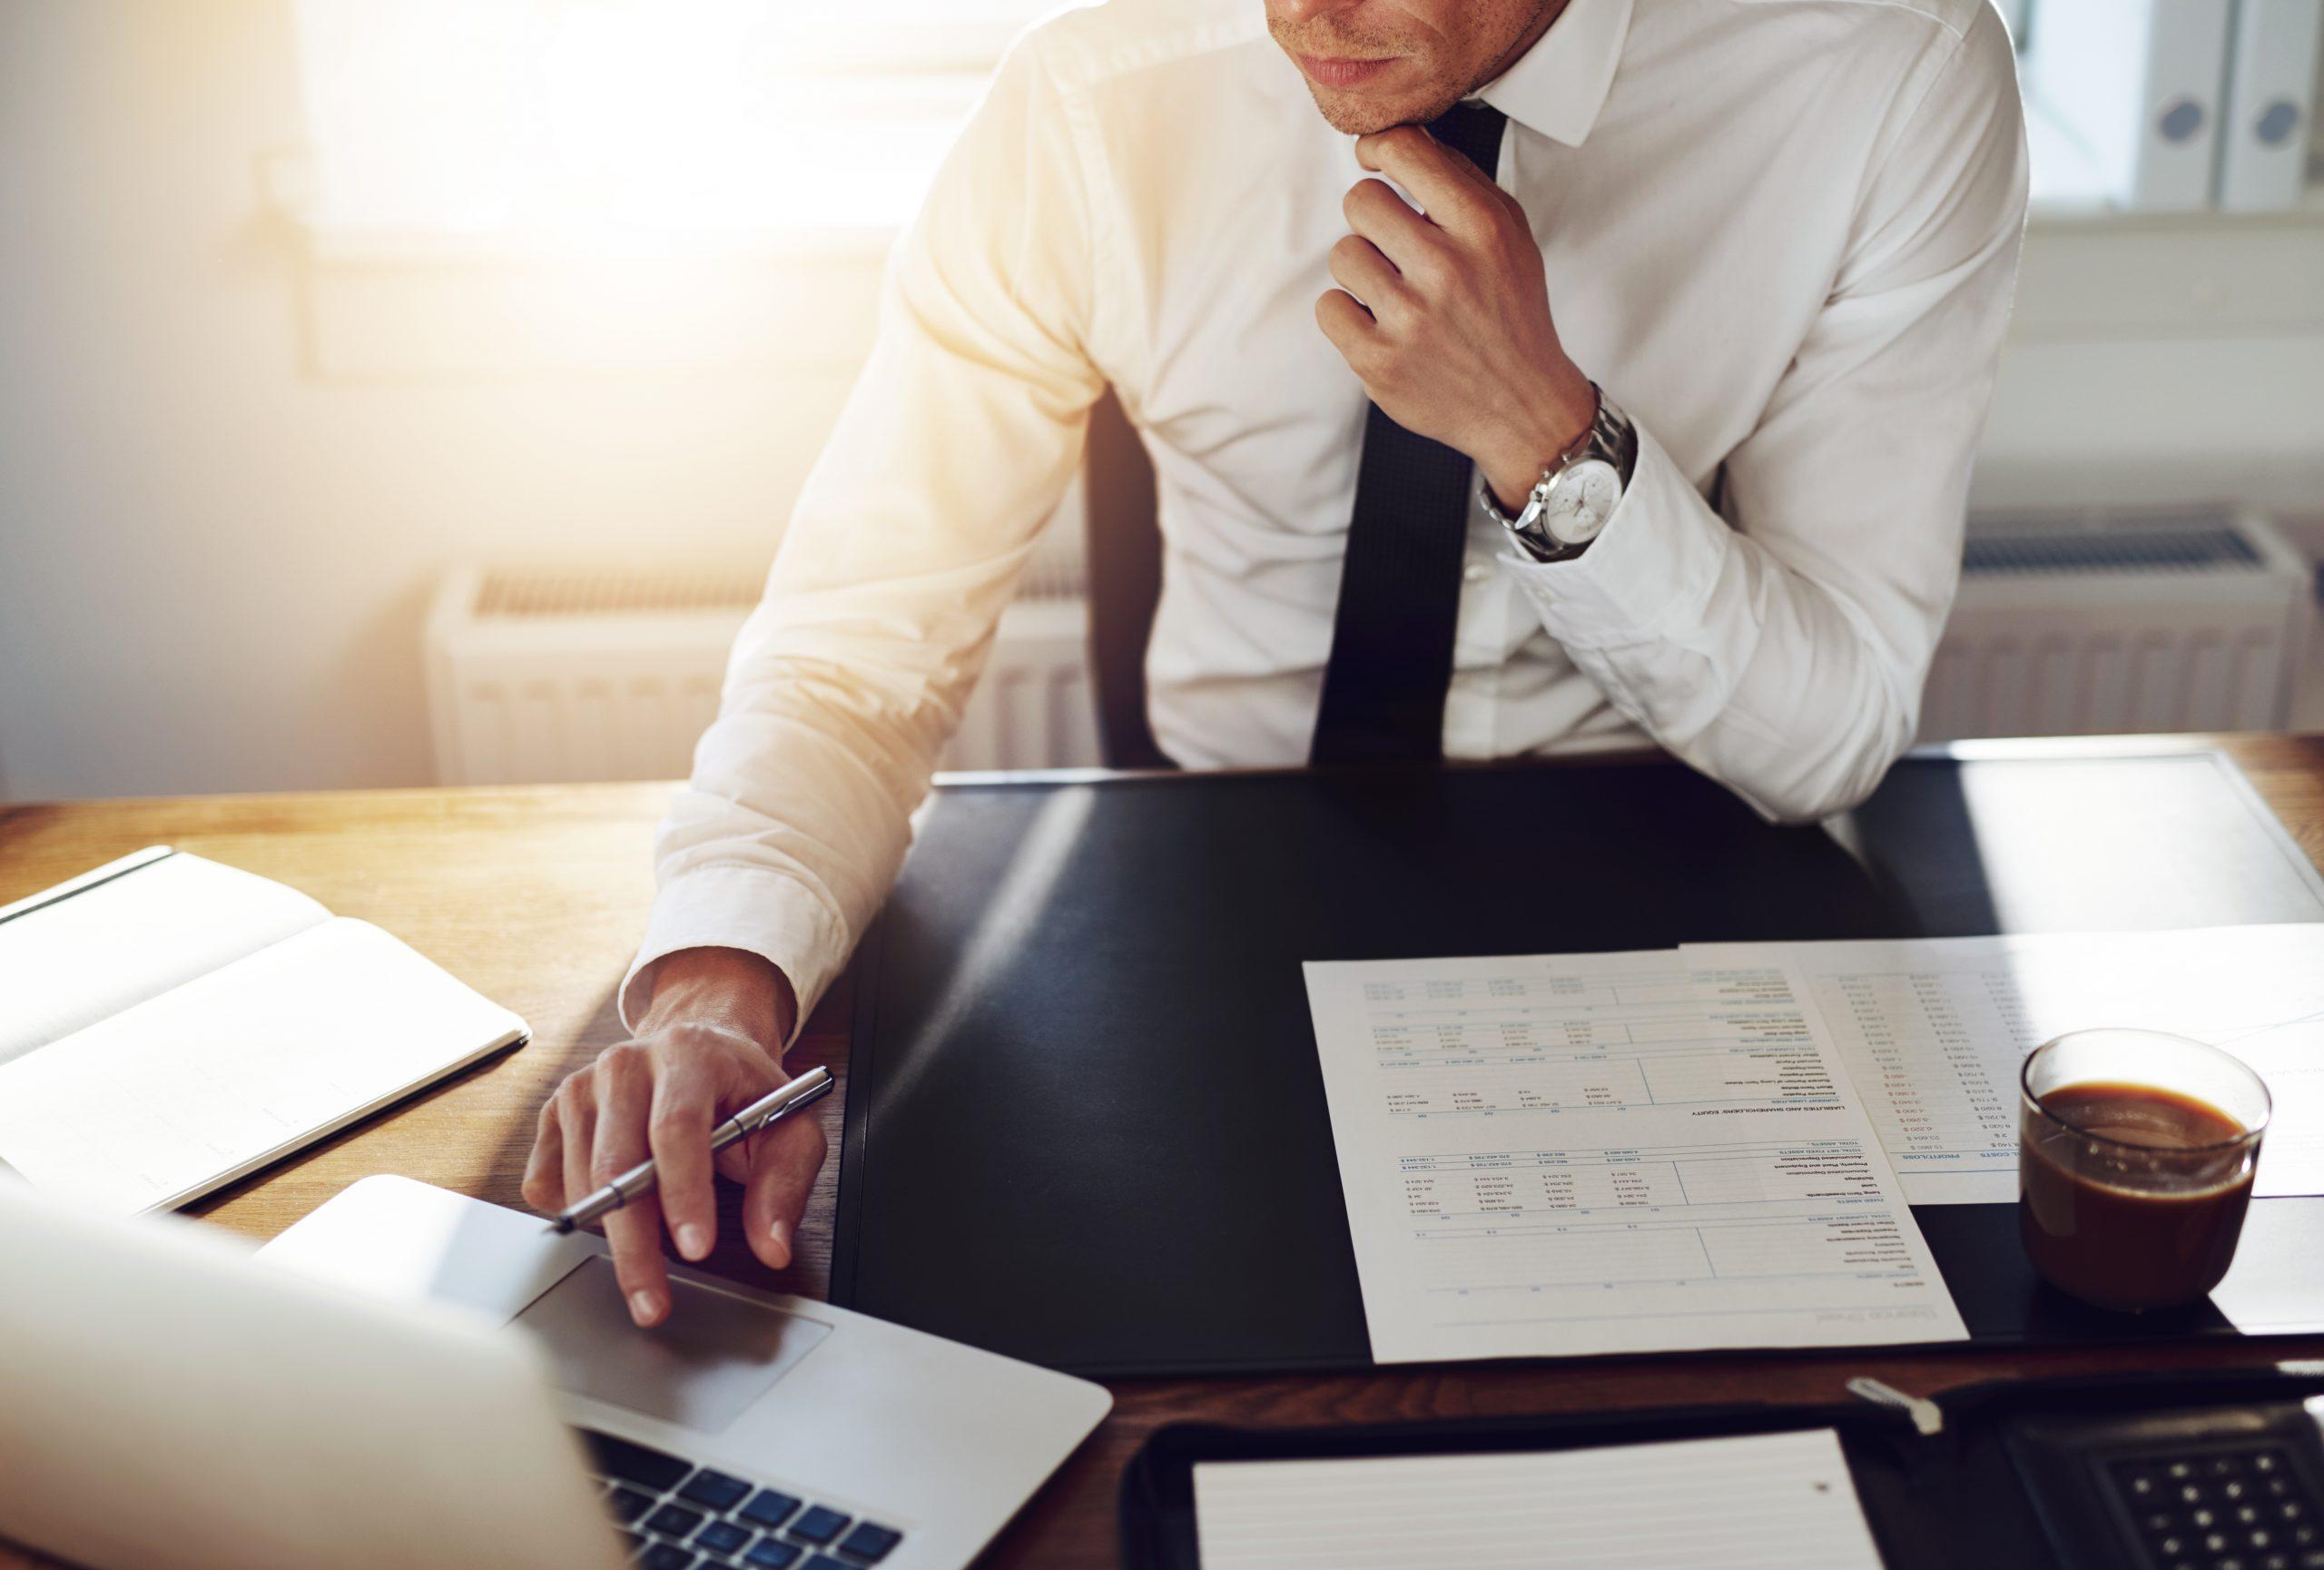 Qui a le droit de faire la comptabilité d'une entreprise?